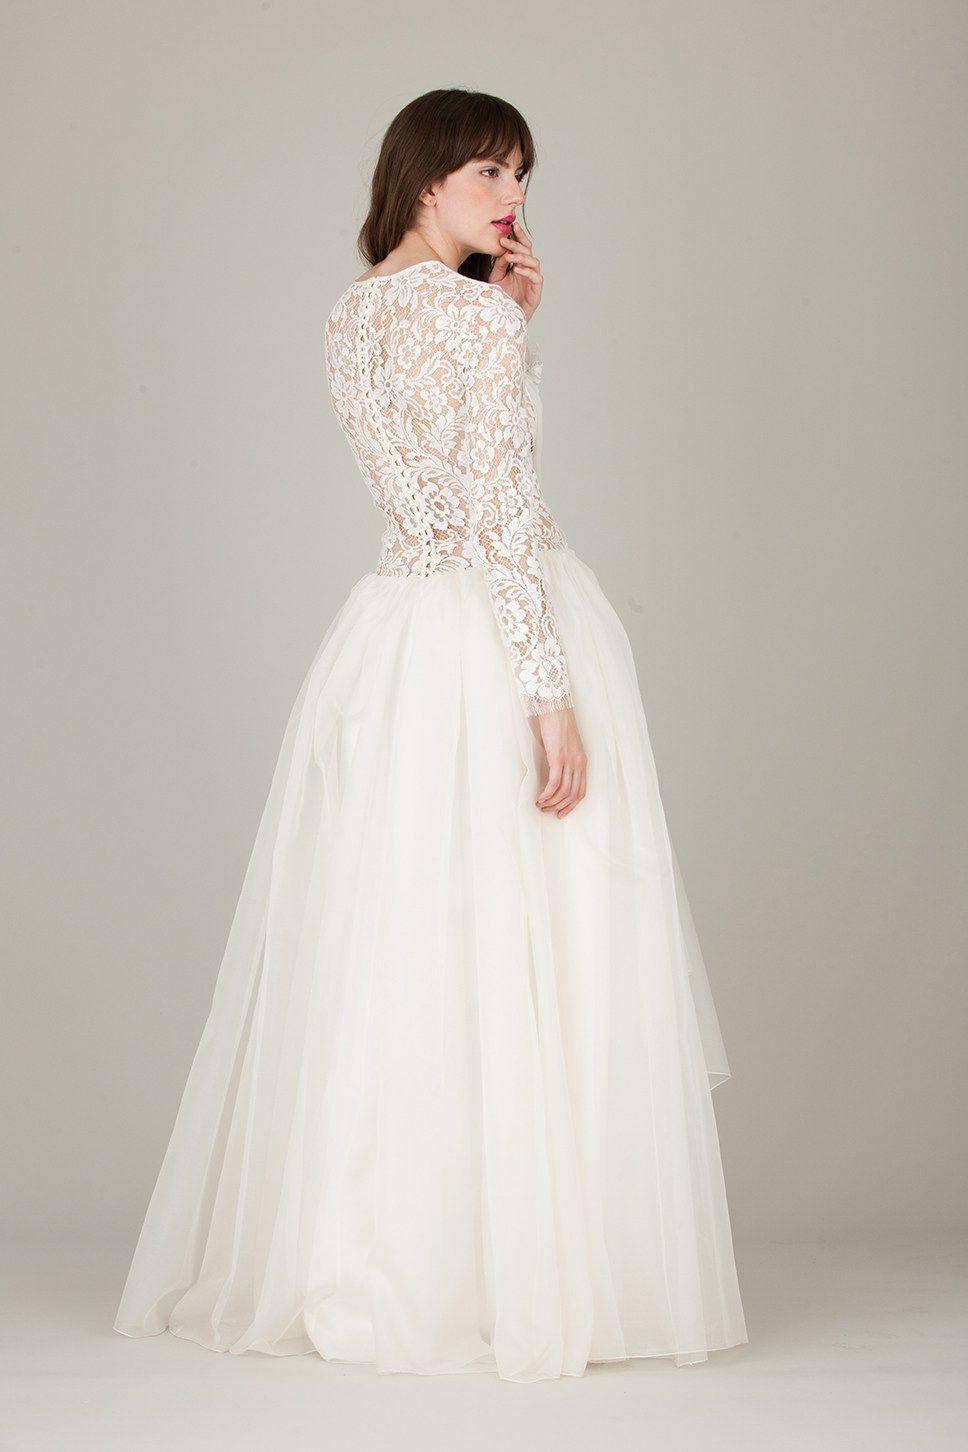 Traumhaftes Brautkleid Von #therese&luise | Brautmode, Kleid